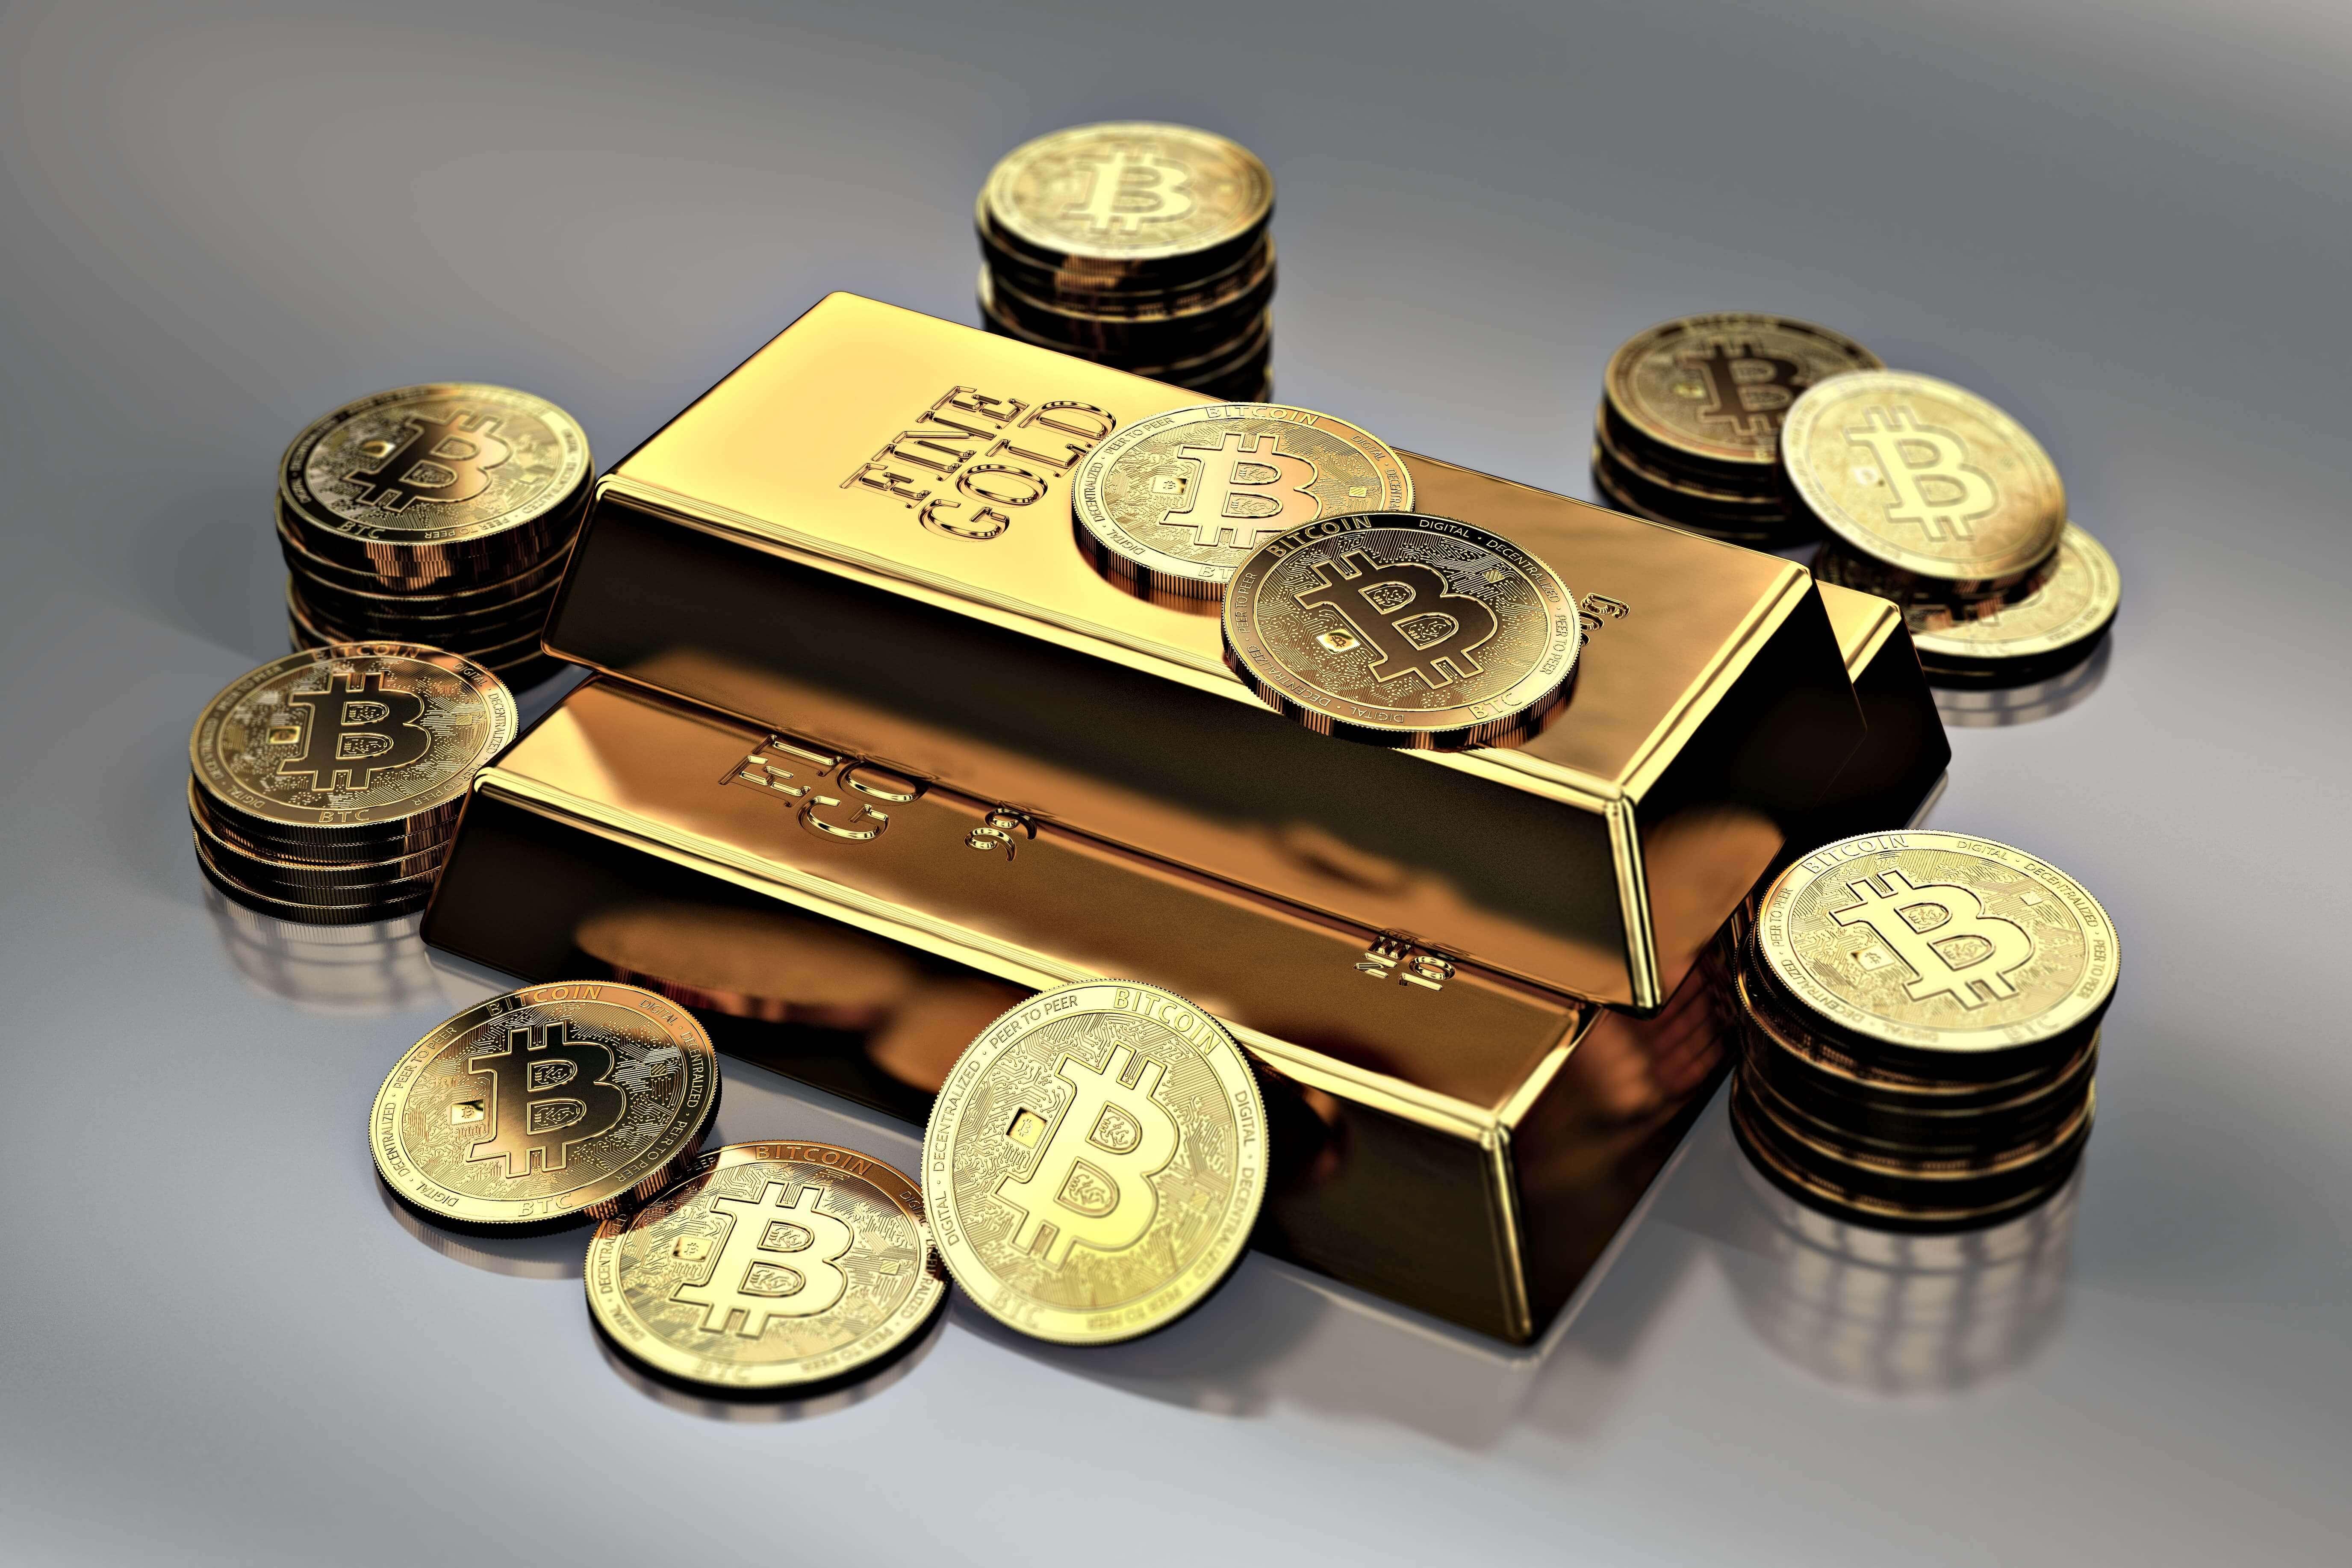 ビットコイン(Bitcoin/BTC)と金の購入方法と税金の違いについて